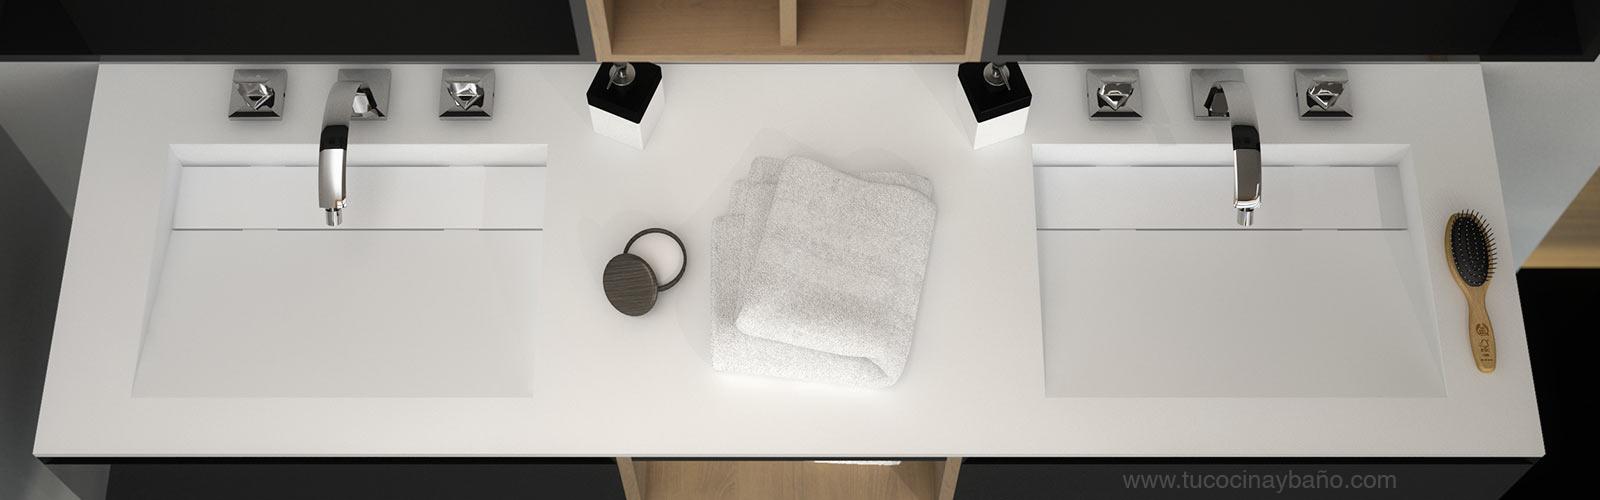 Encimera lavabo suspendido a medida reformas guaita - Lavabos dobles sobre encimera ...